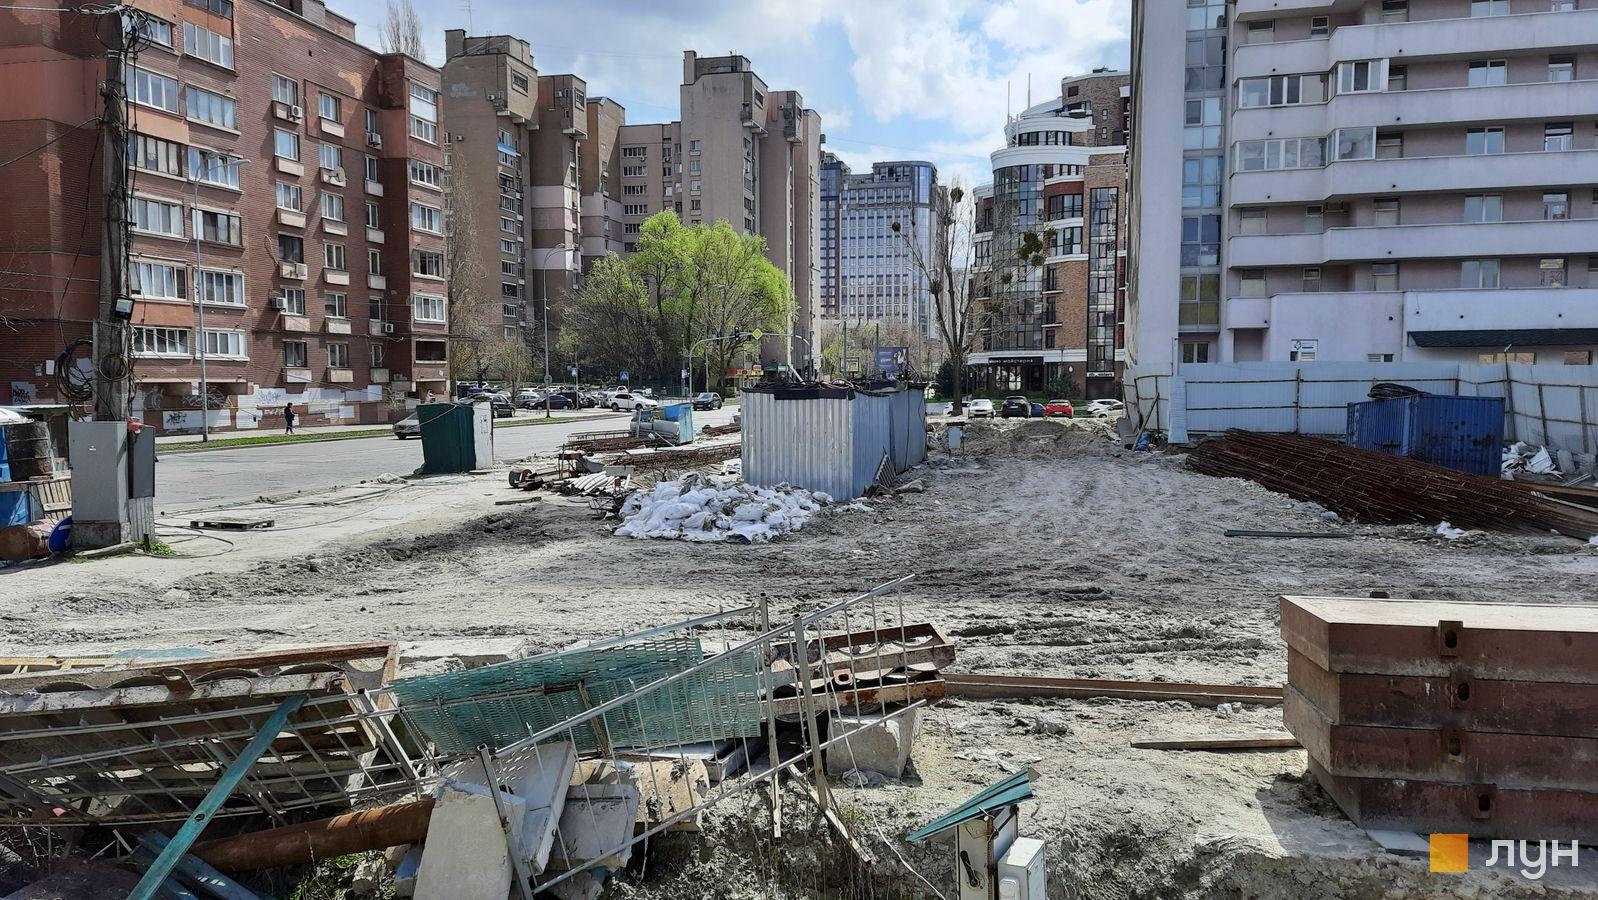 Ход строительства ул. Казимира Малевича, 44, 46, , апрель 2021